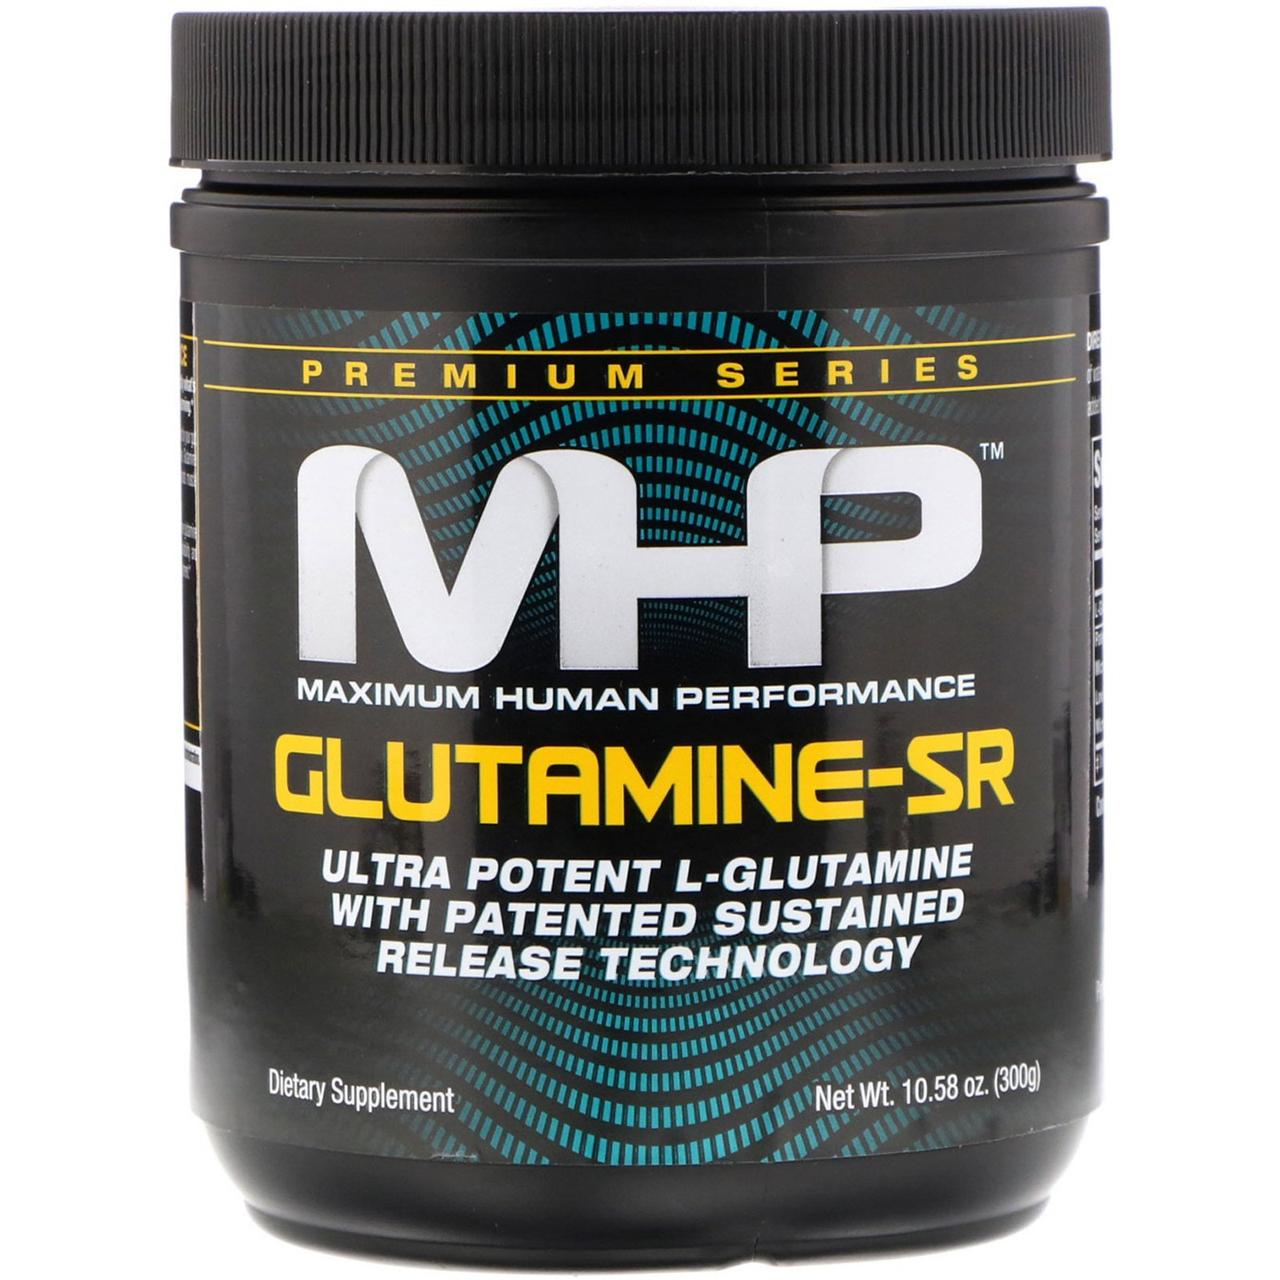 Maximum Human Performance, LLC, 'Глутамін-SR, без смакових добавок, 10.6 унцій (300 г)